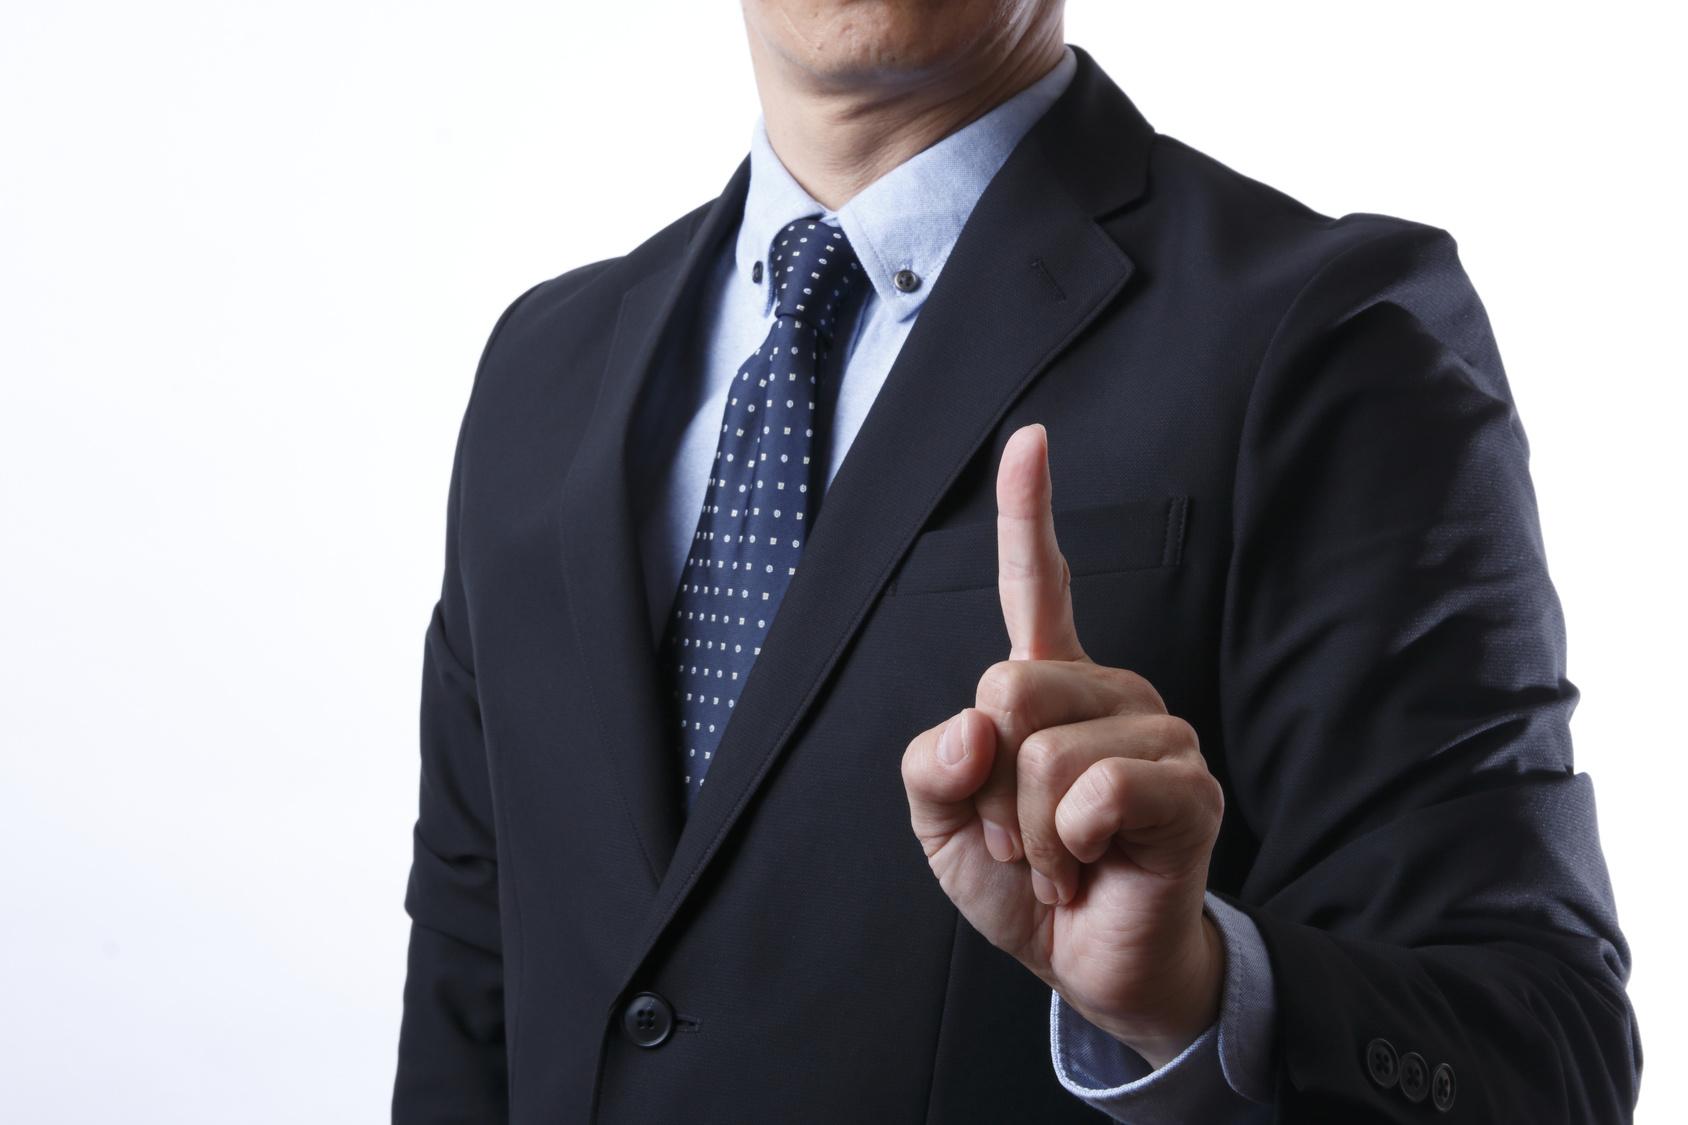 一番を示すビジネスマン